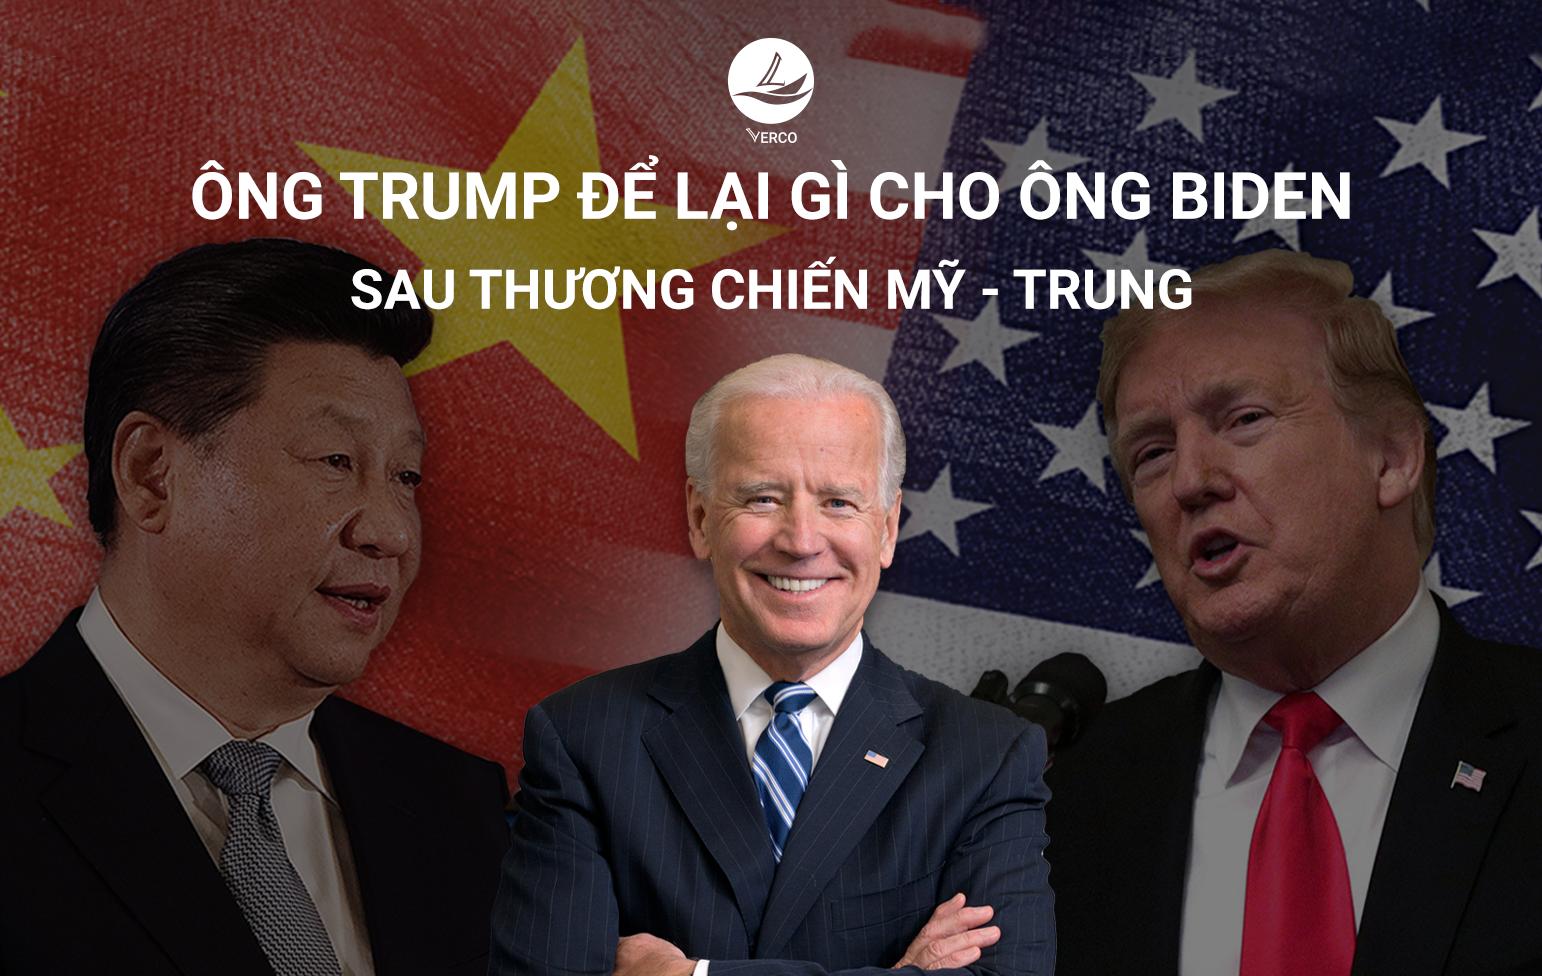 Ông Trump để lại gì cho ông Biden sau thương chiến Mỹ – Trung